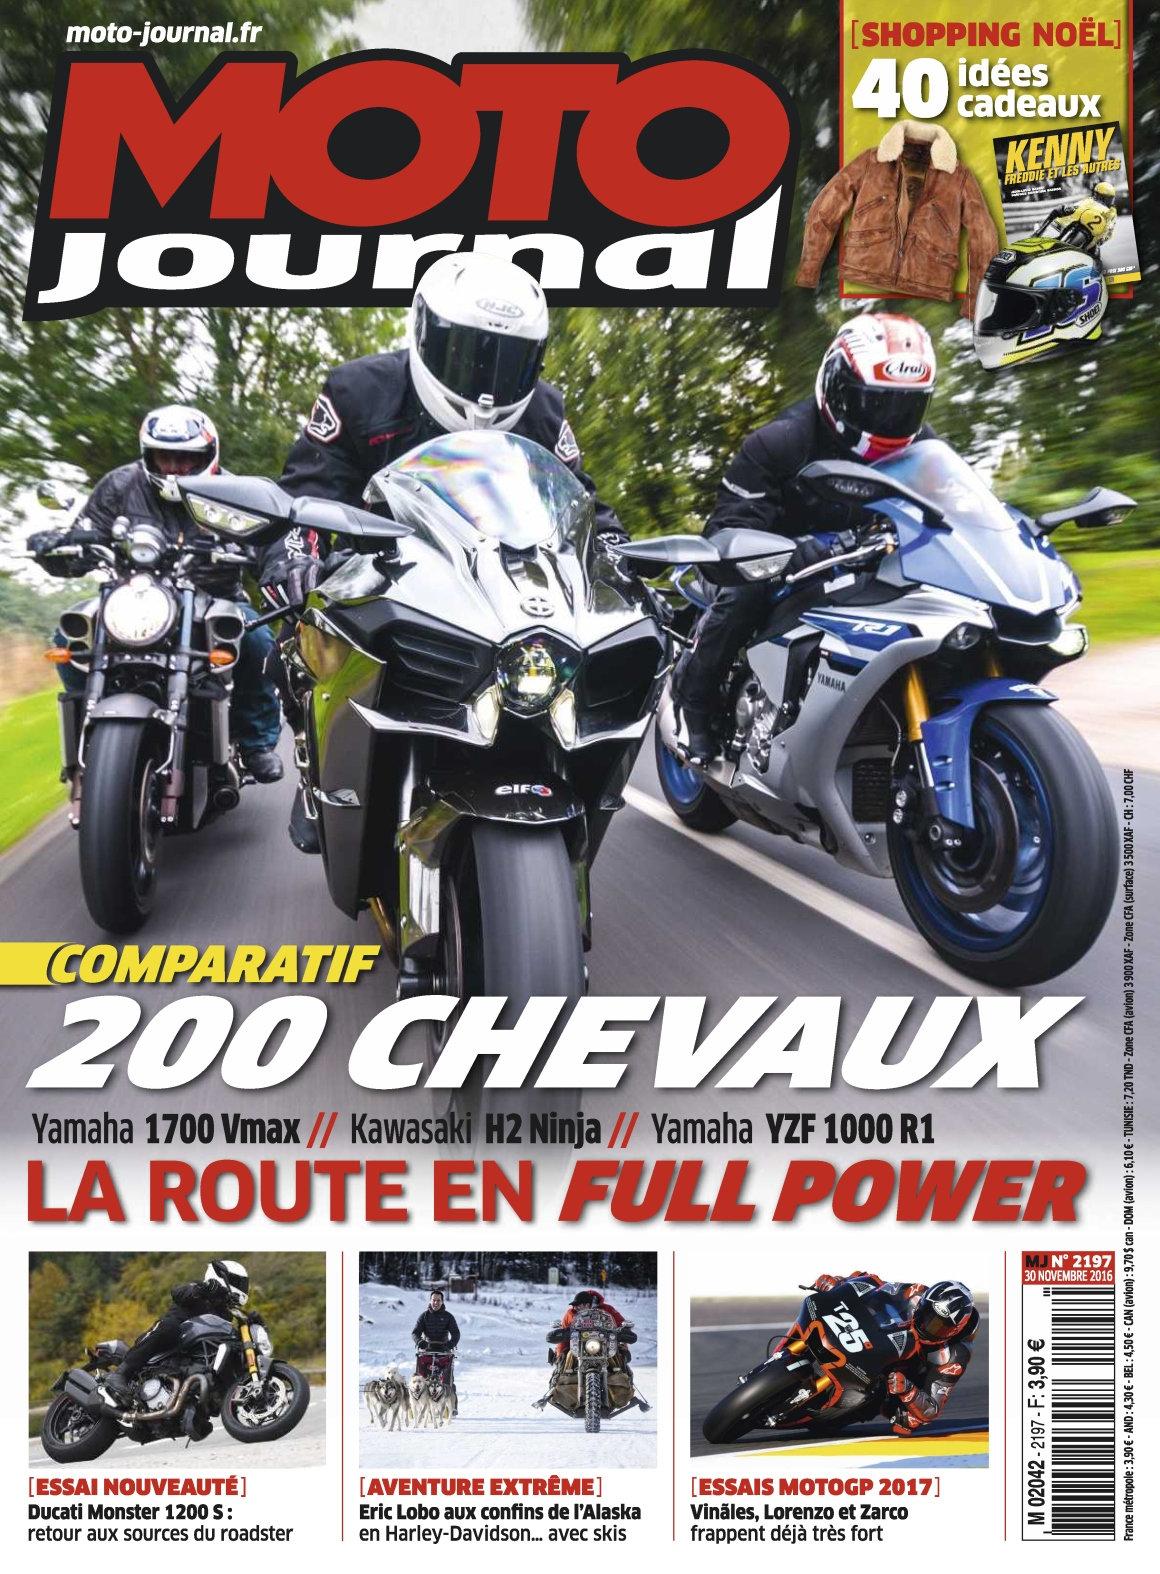 Moto Journal 2197 - 30 Novembre 2016